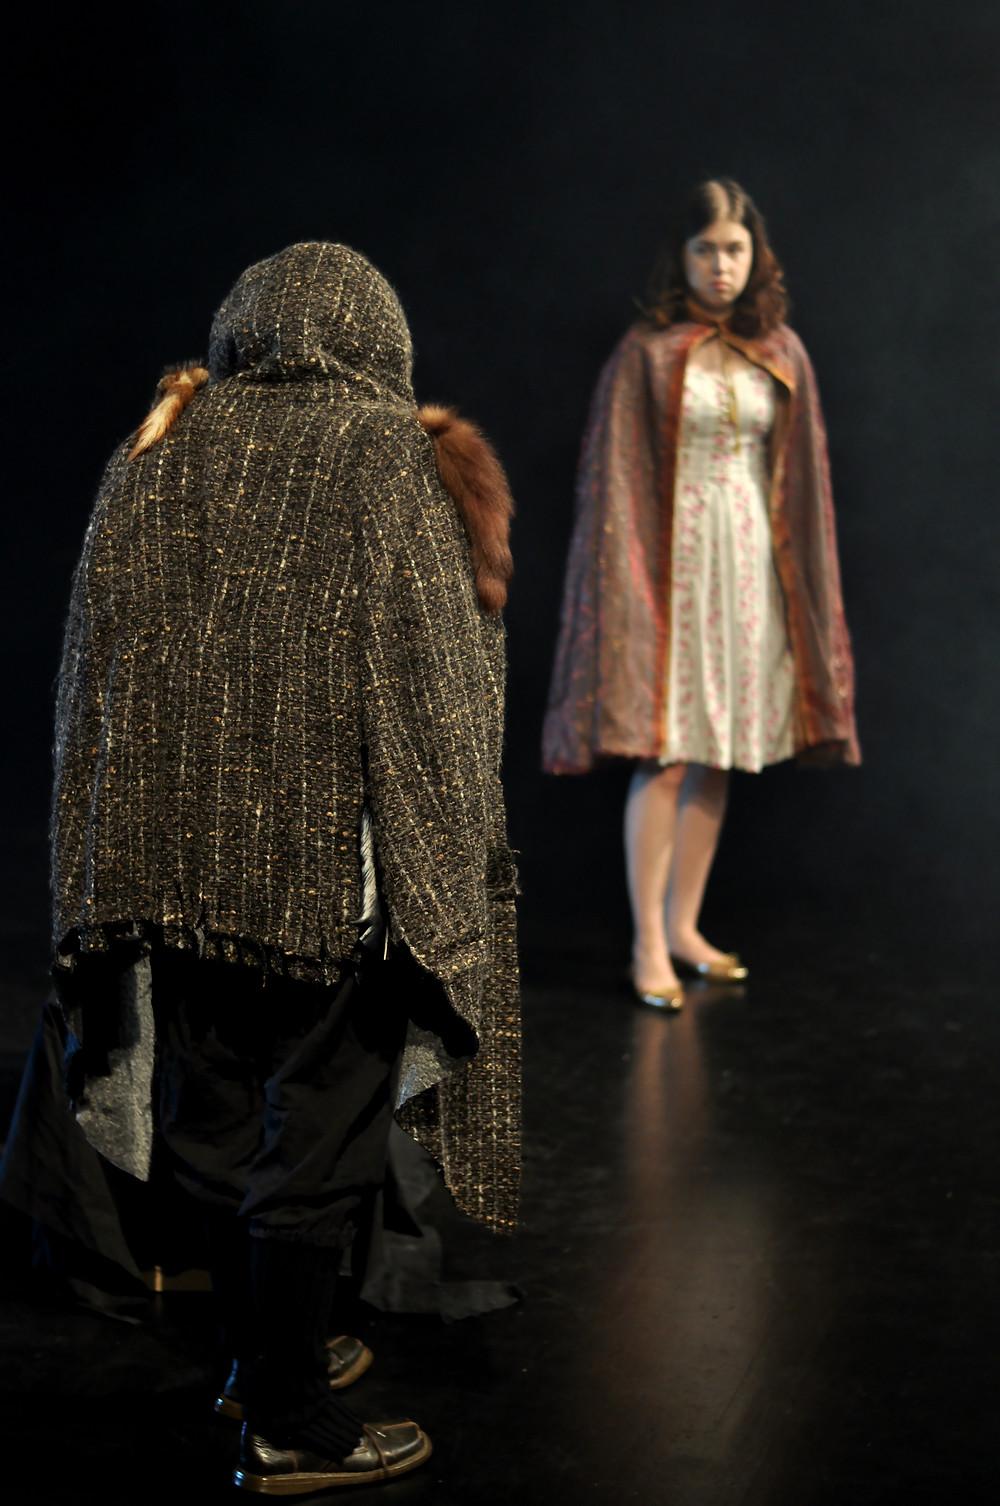 Kuva: Helena Knutas; Peto (Suvi Kosela), Kaunotar (Aino Liljanto)